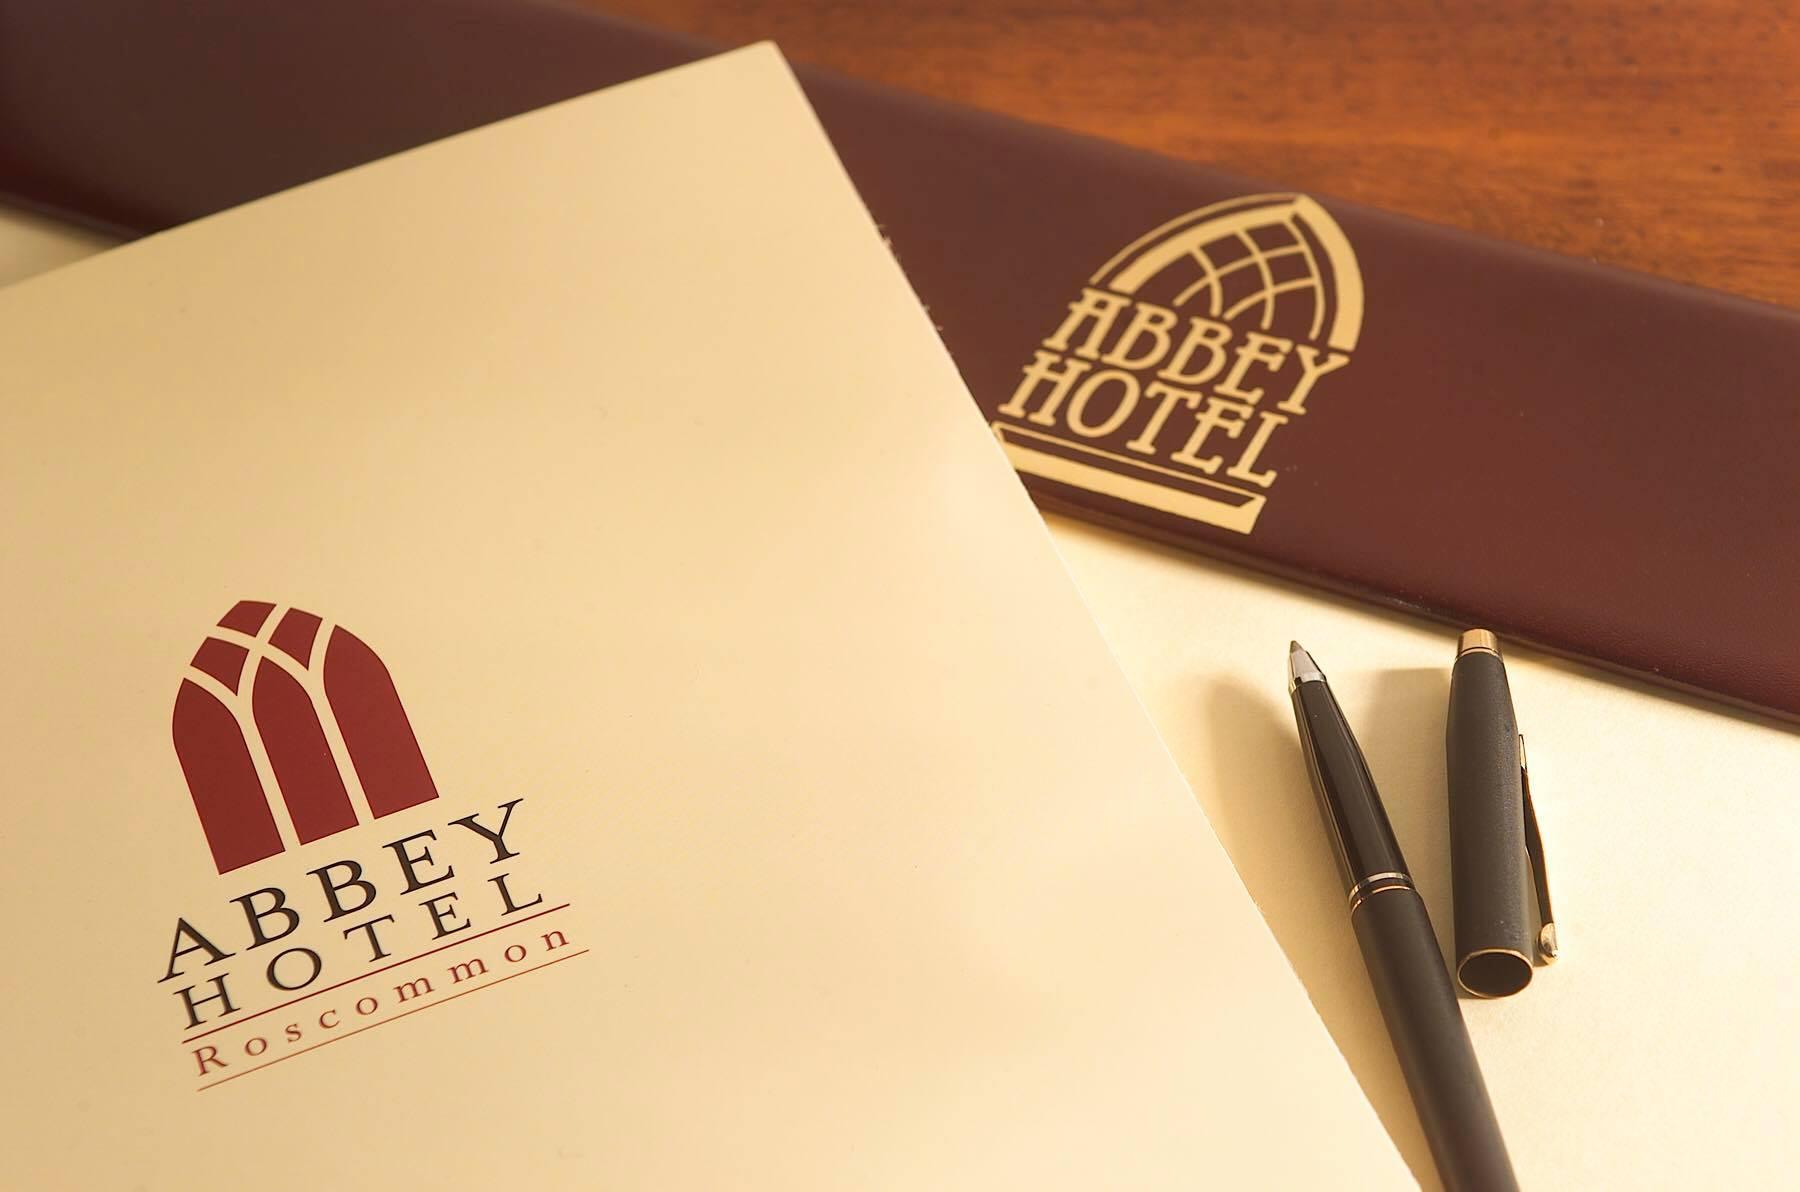 abbey hotel stationery.jpg